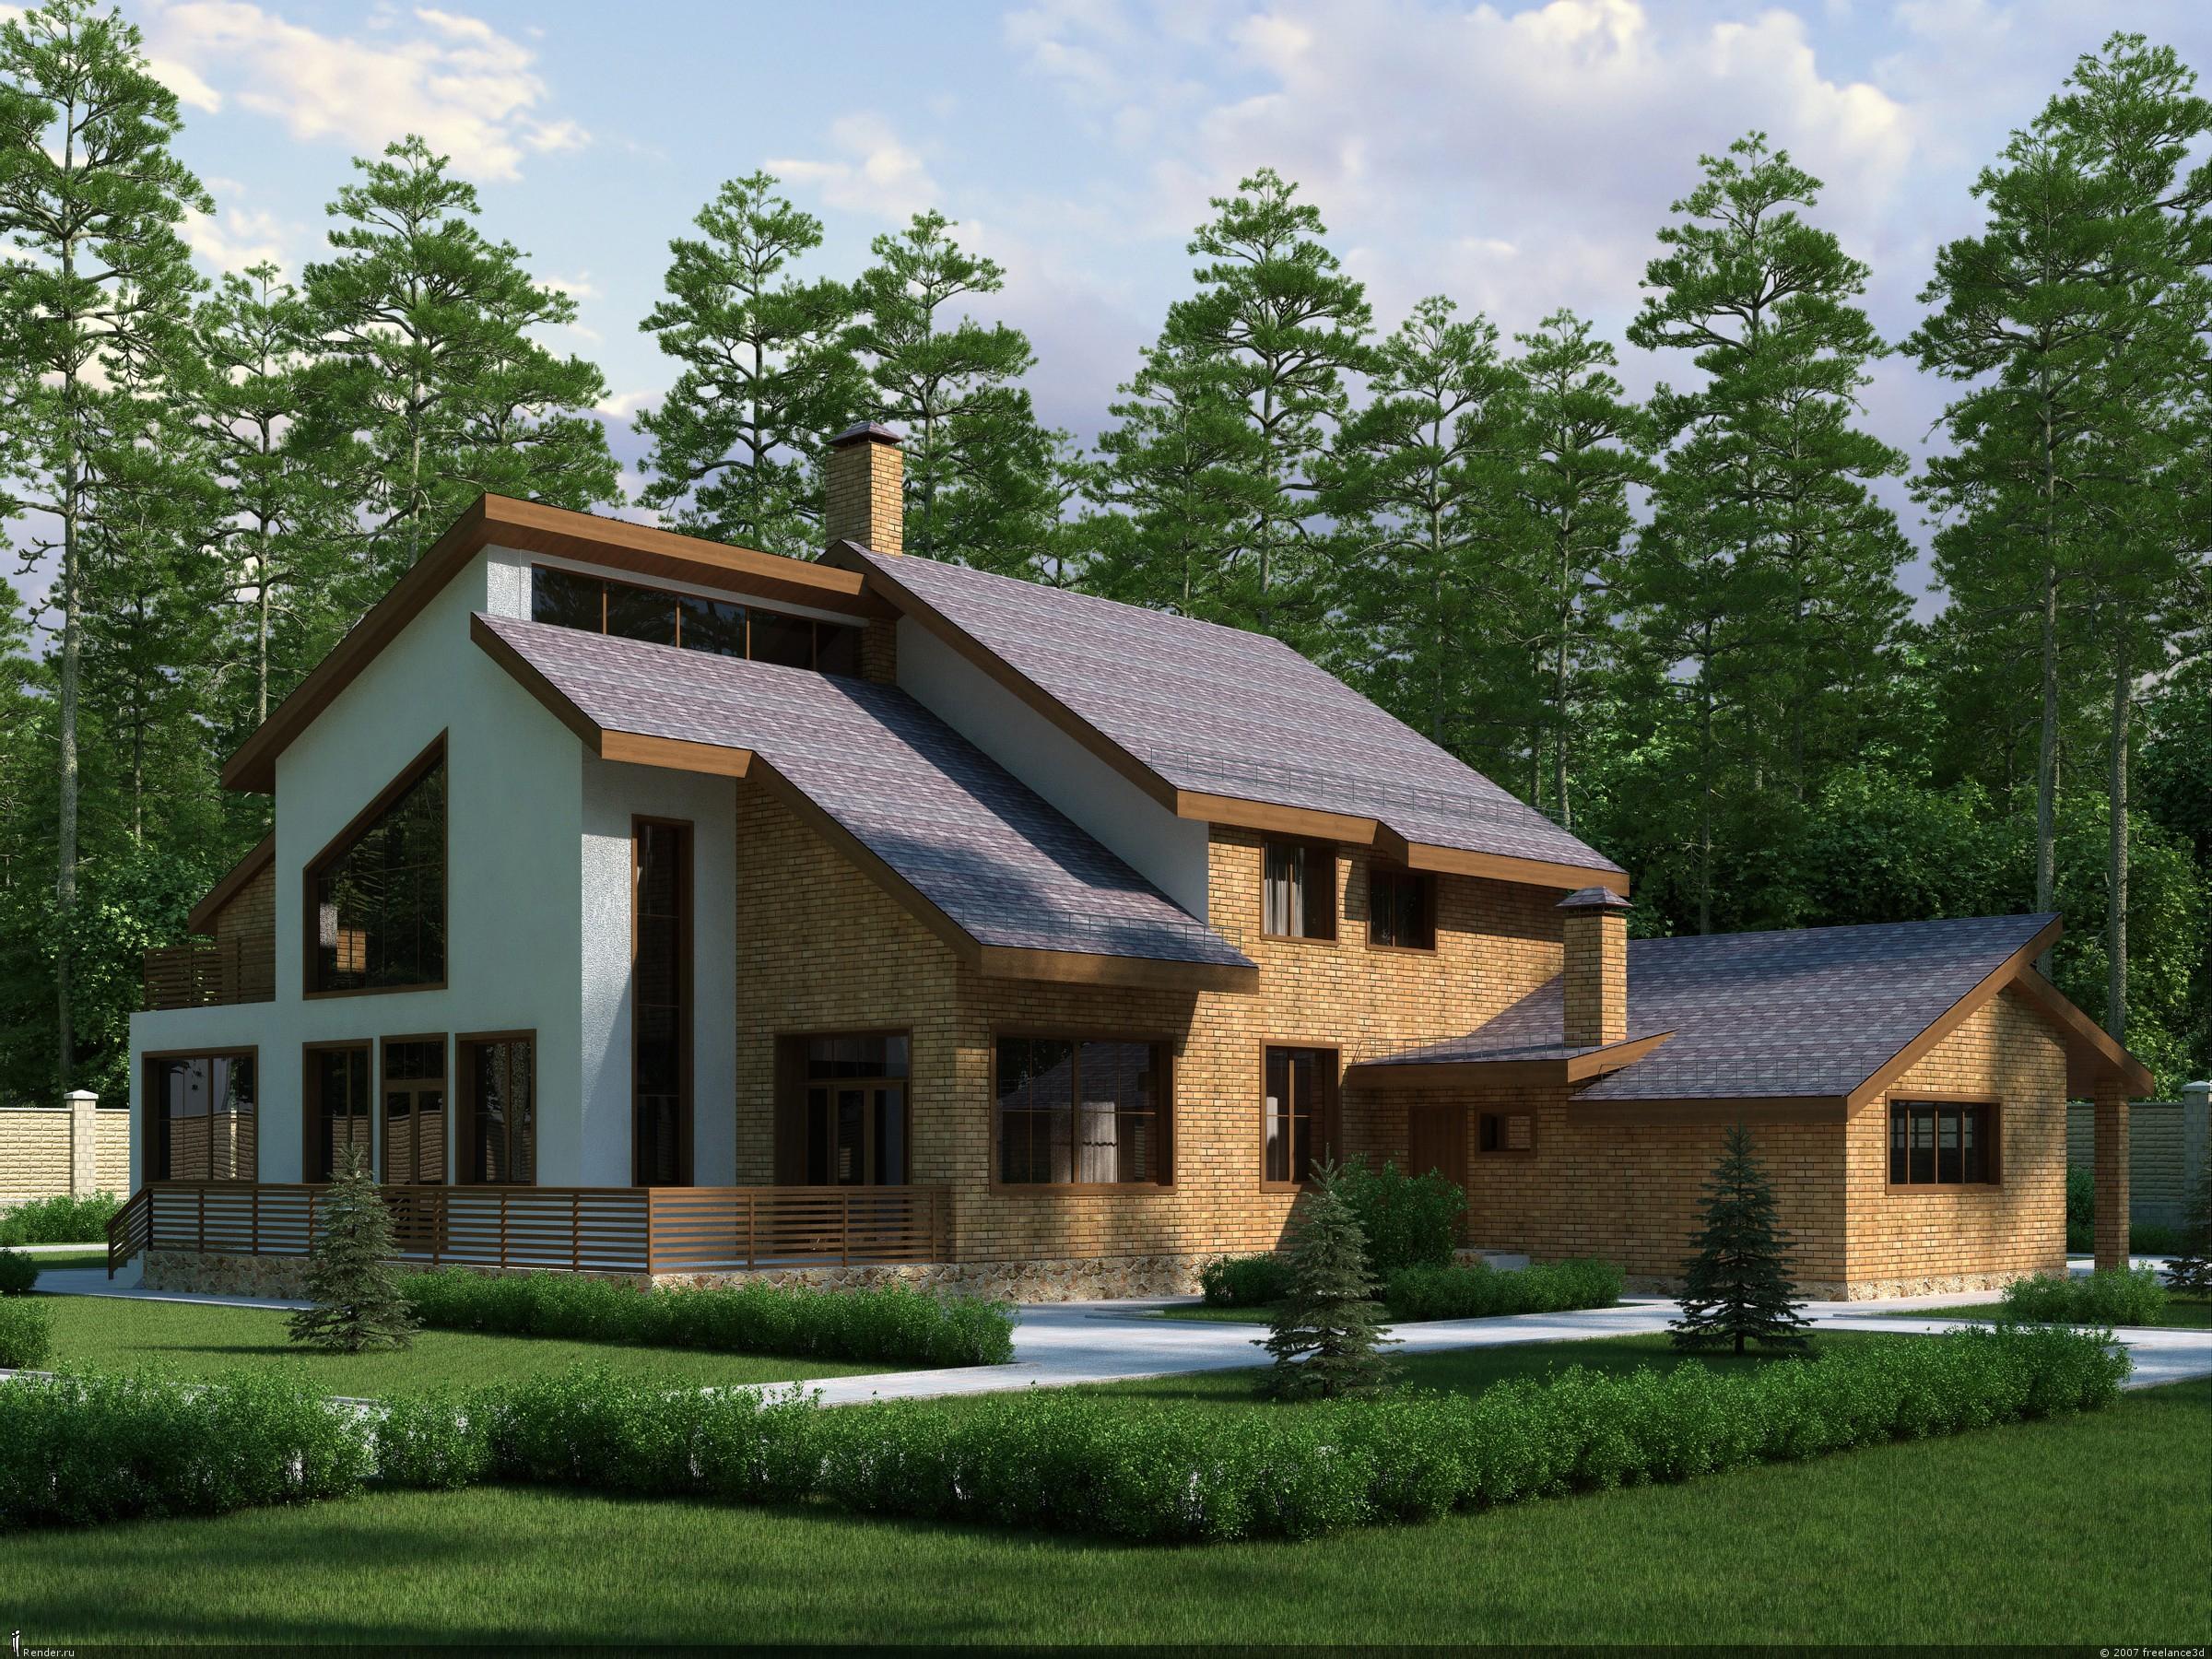 Строительство загородных домов и коттеджей под ключ. Разработка